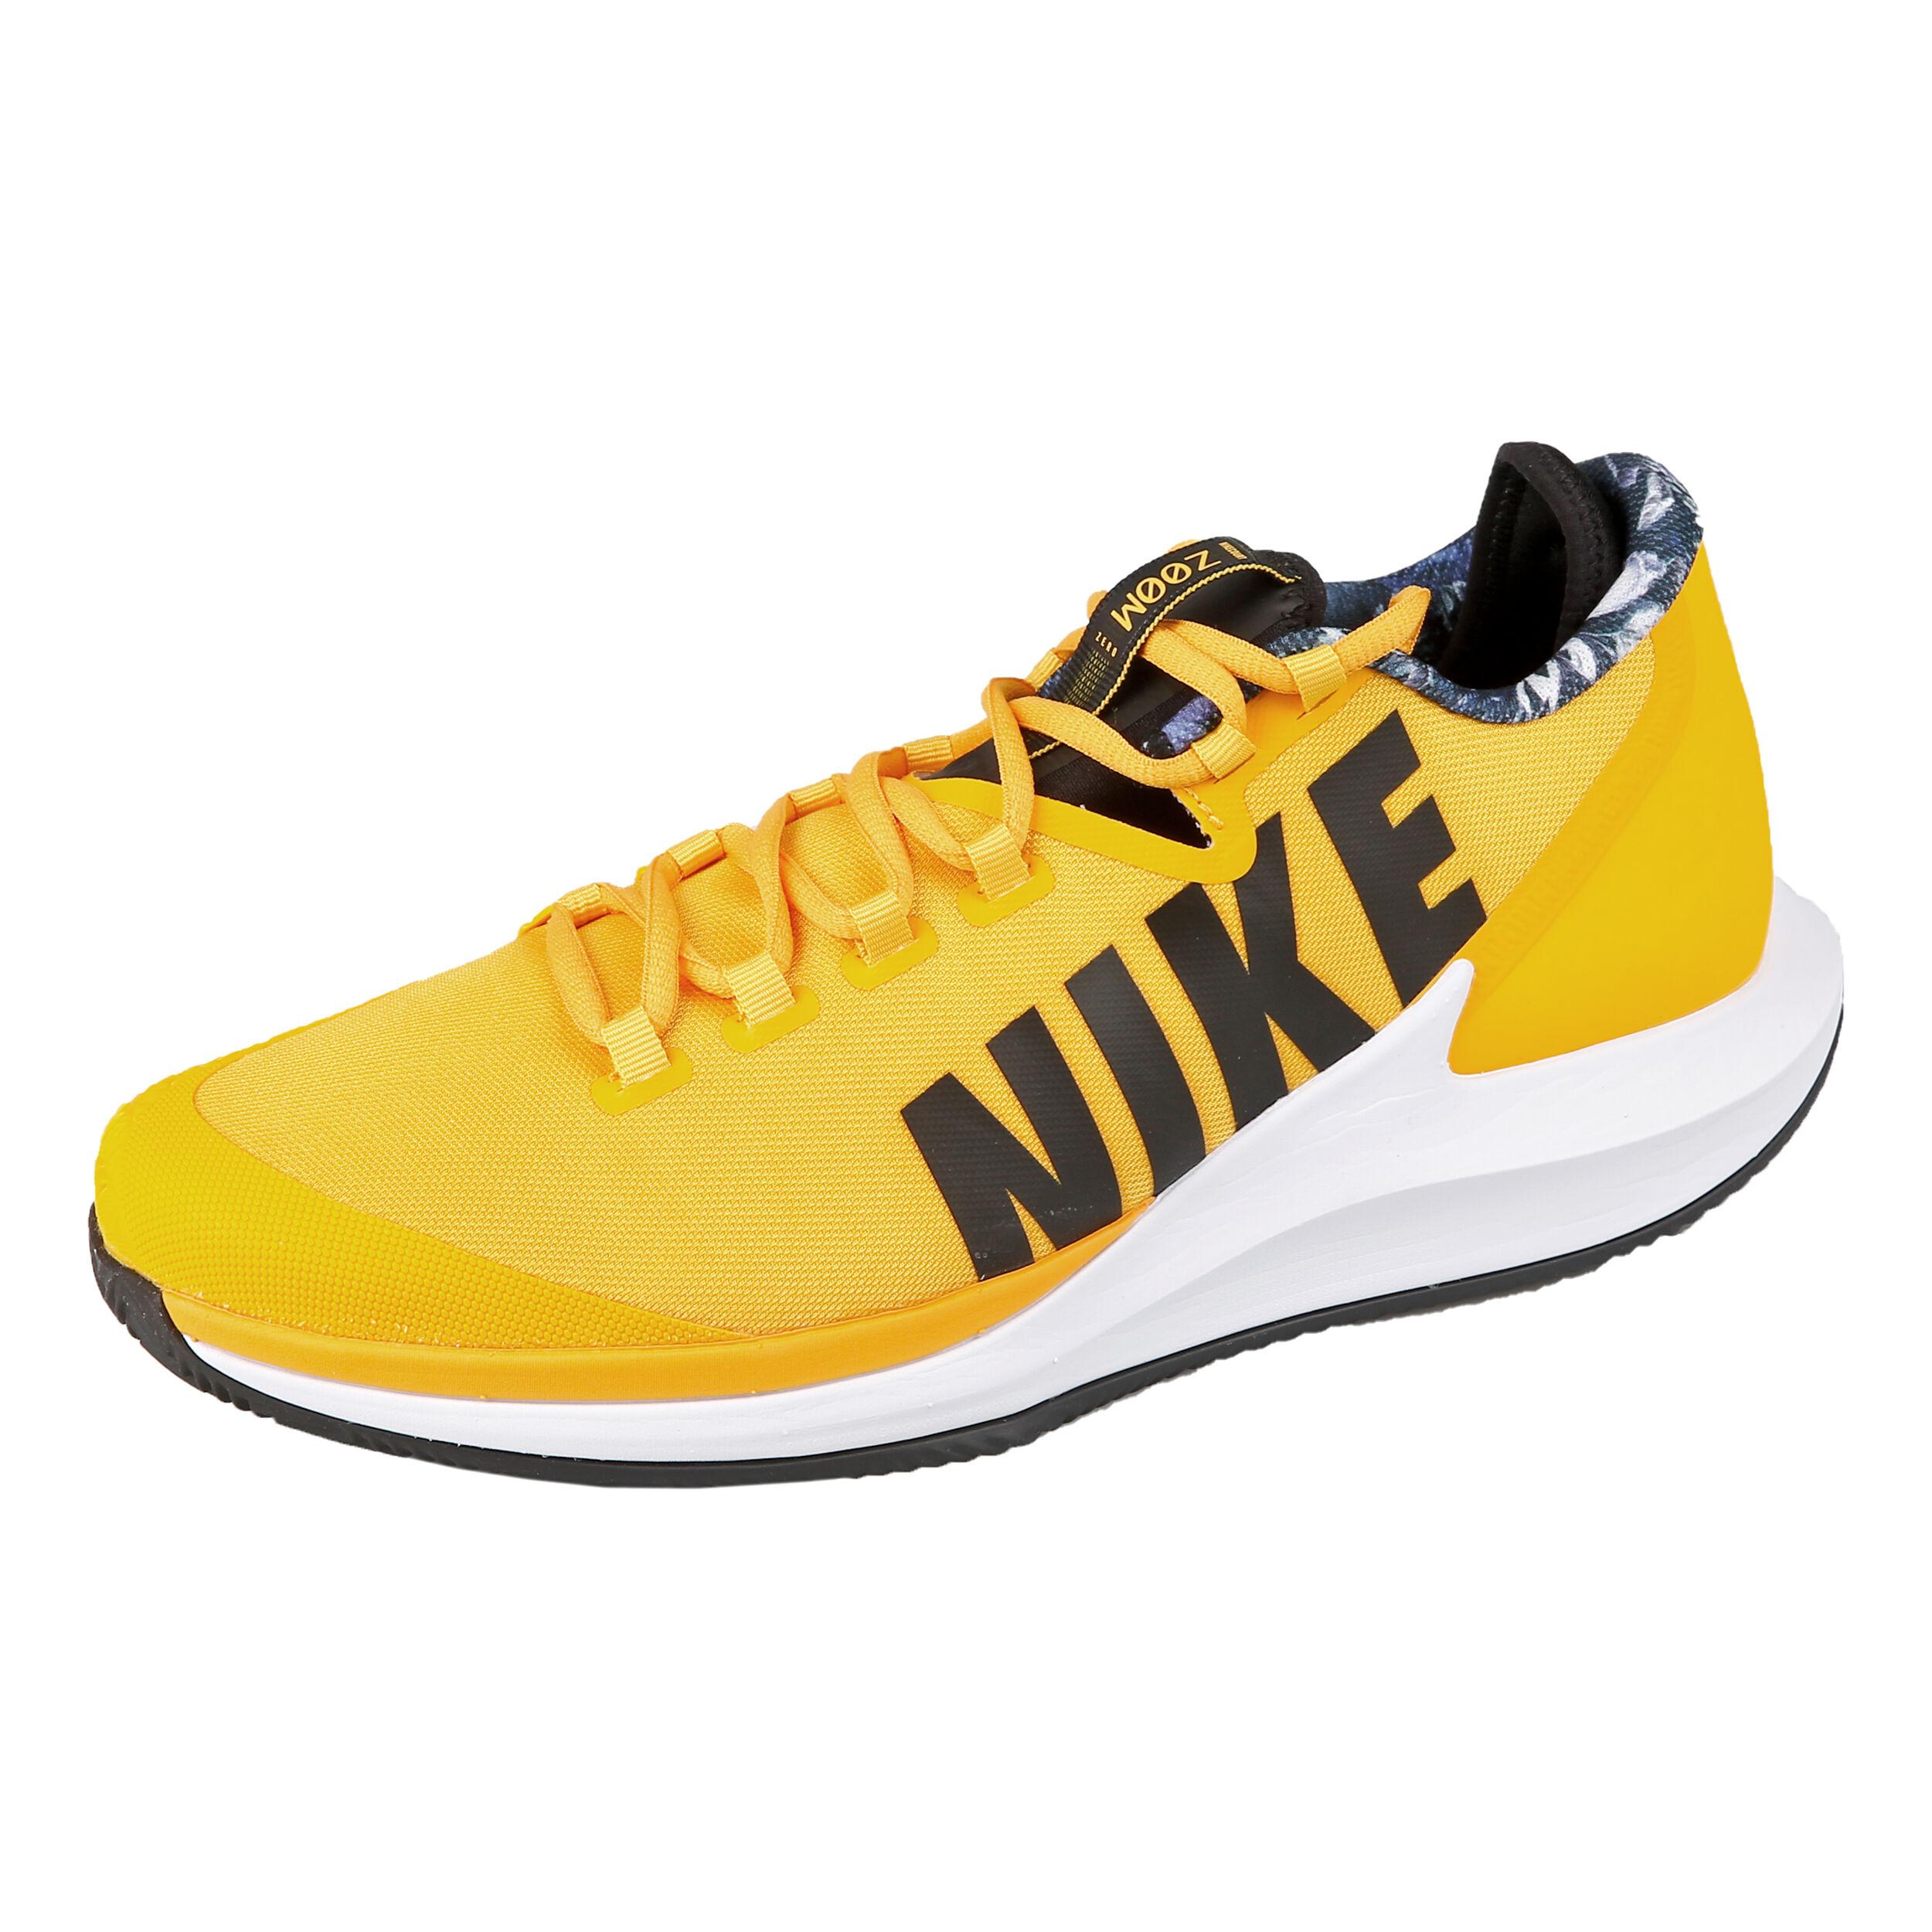 Nike Air Zoom Zero Clay Zapatilla Tierra Batida Hombres Amarillo Oro, Negro